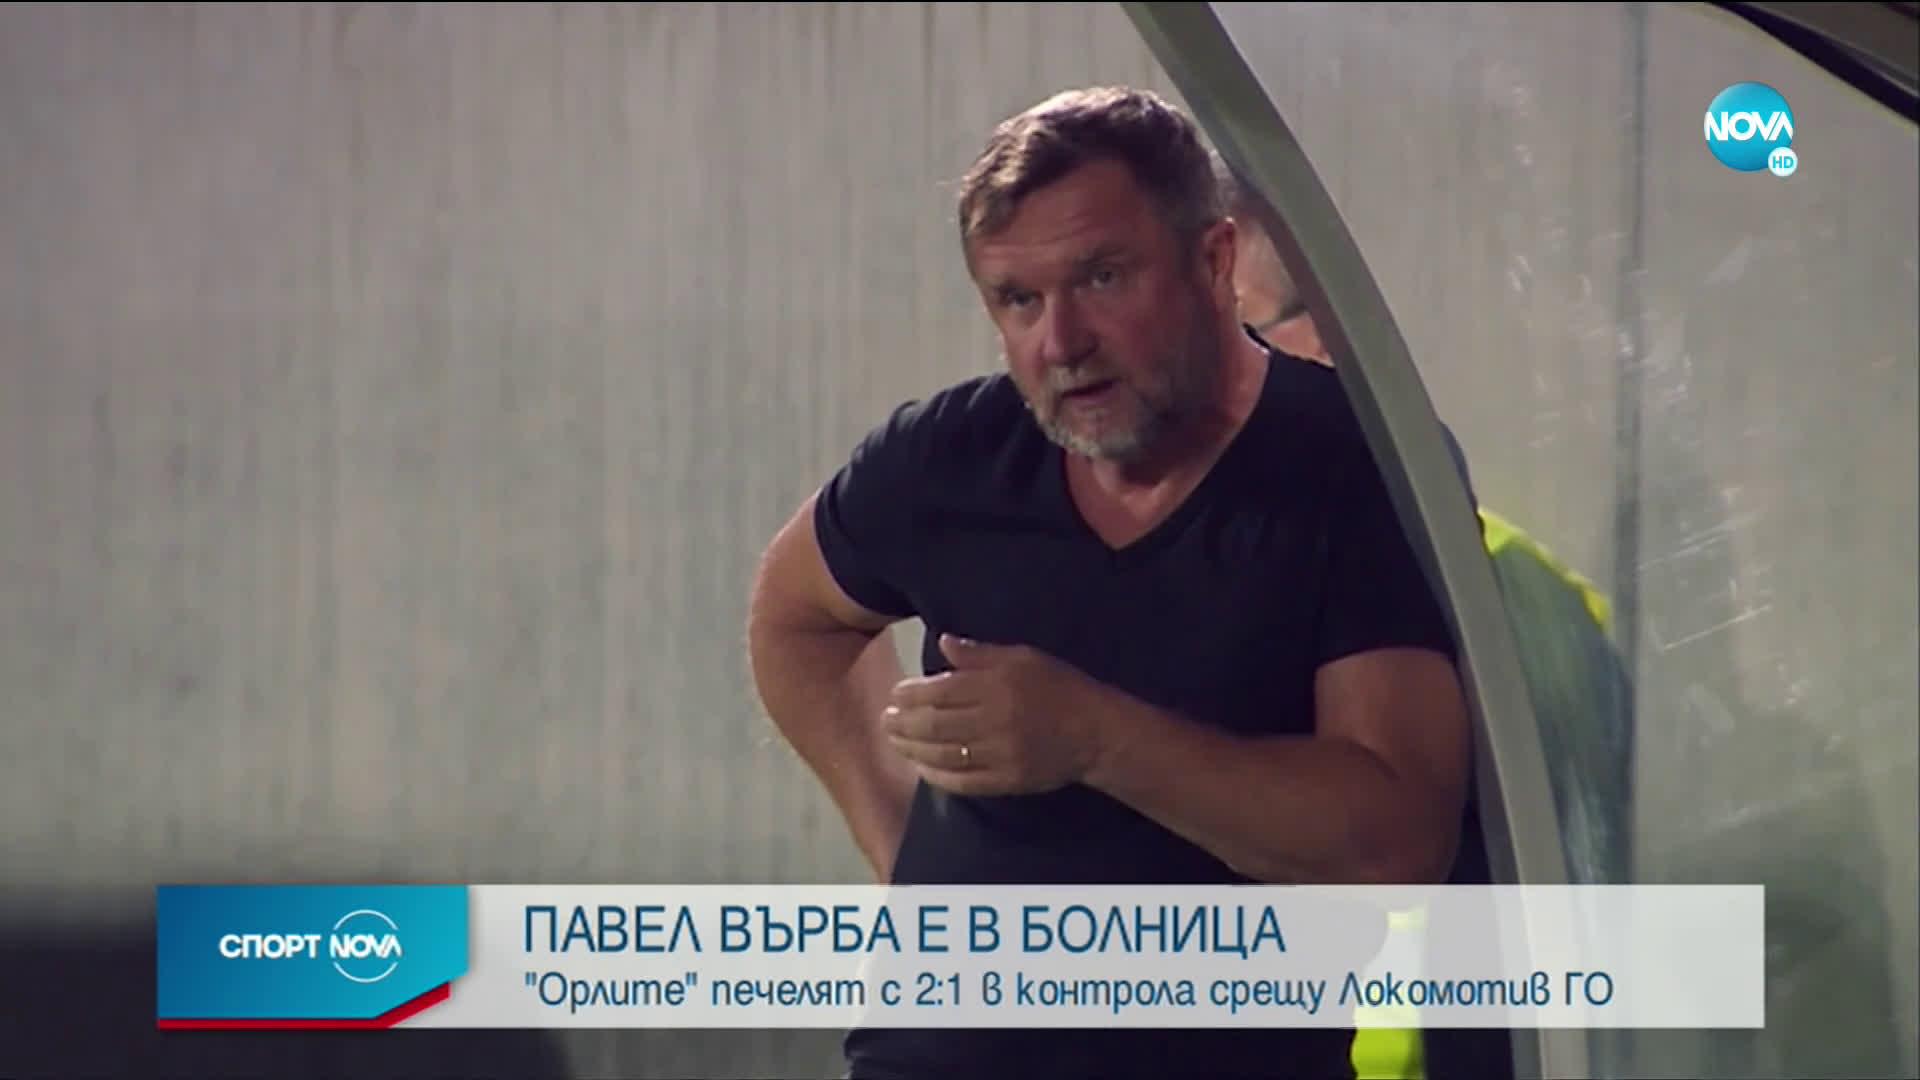 Павел Върба беше приет по спешност в болница